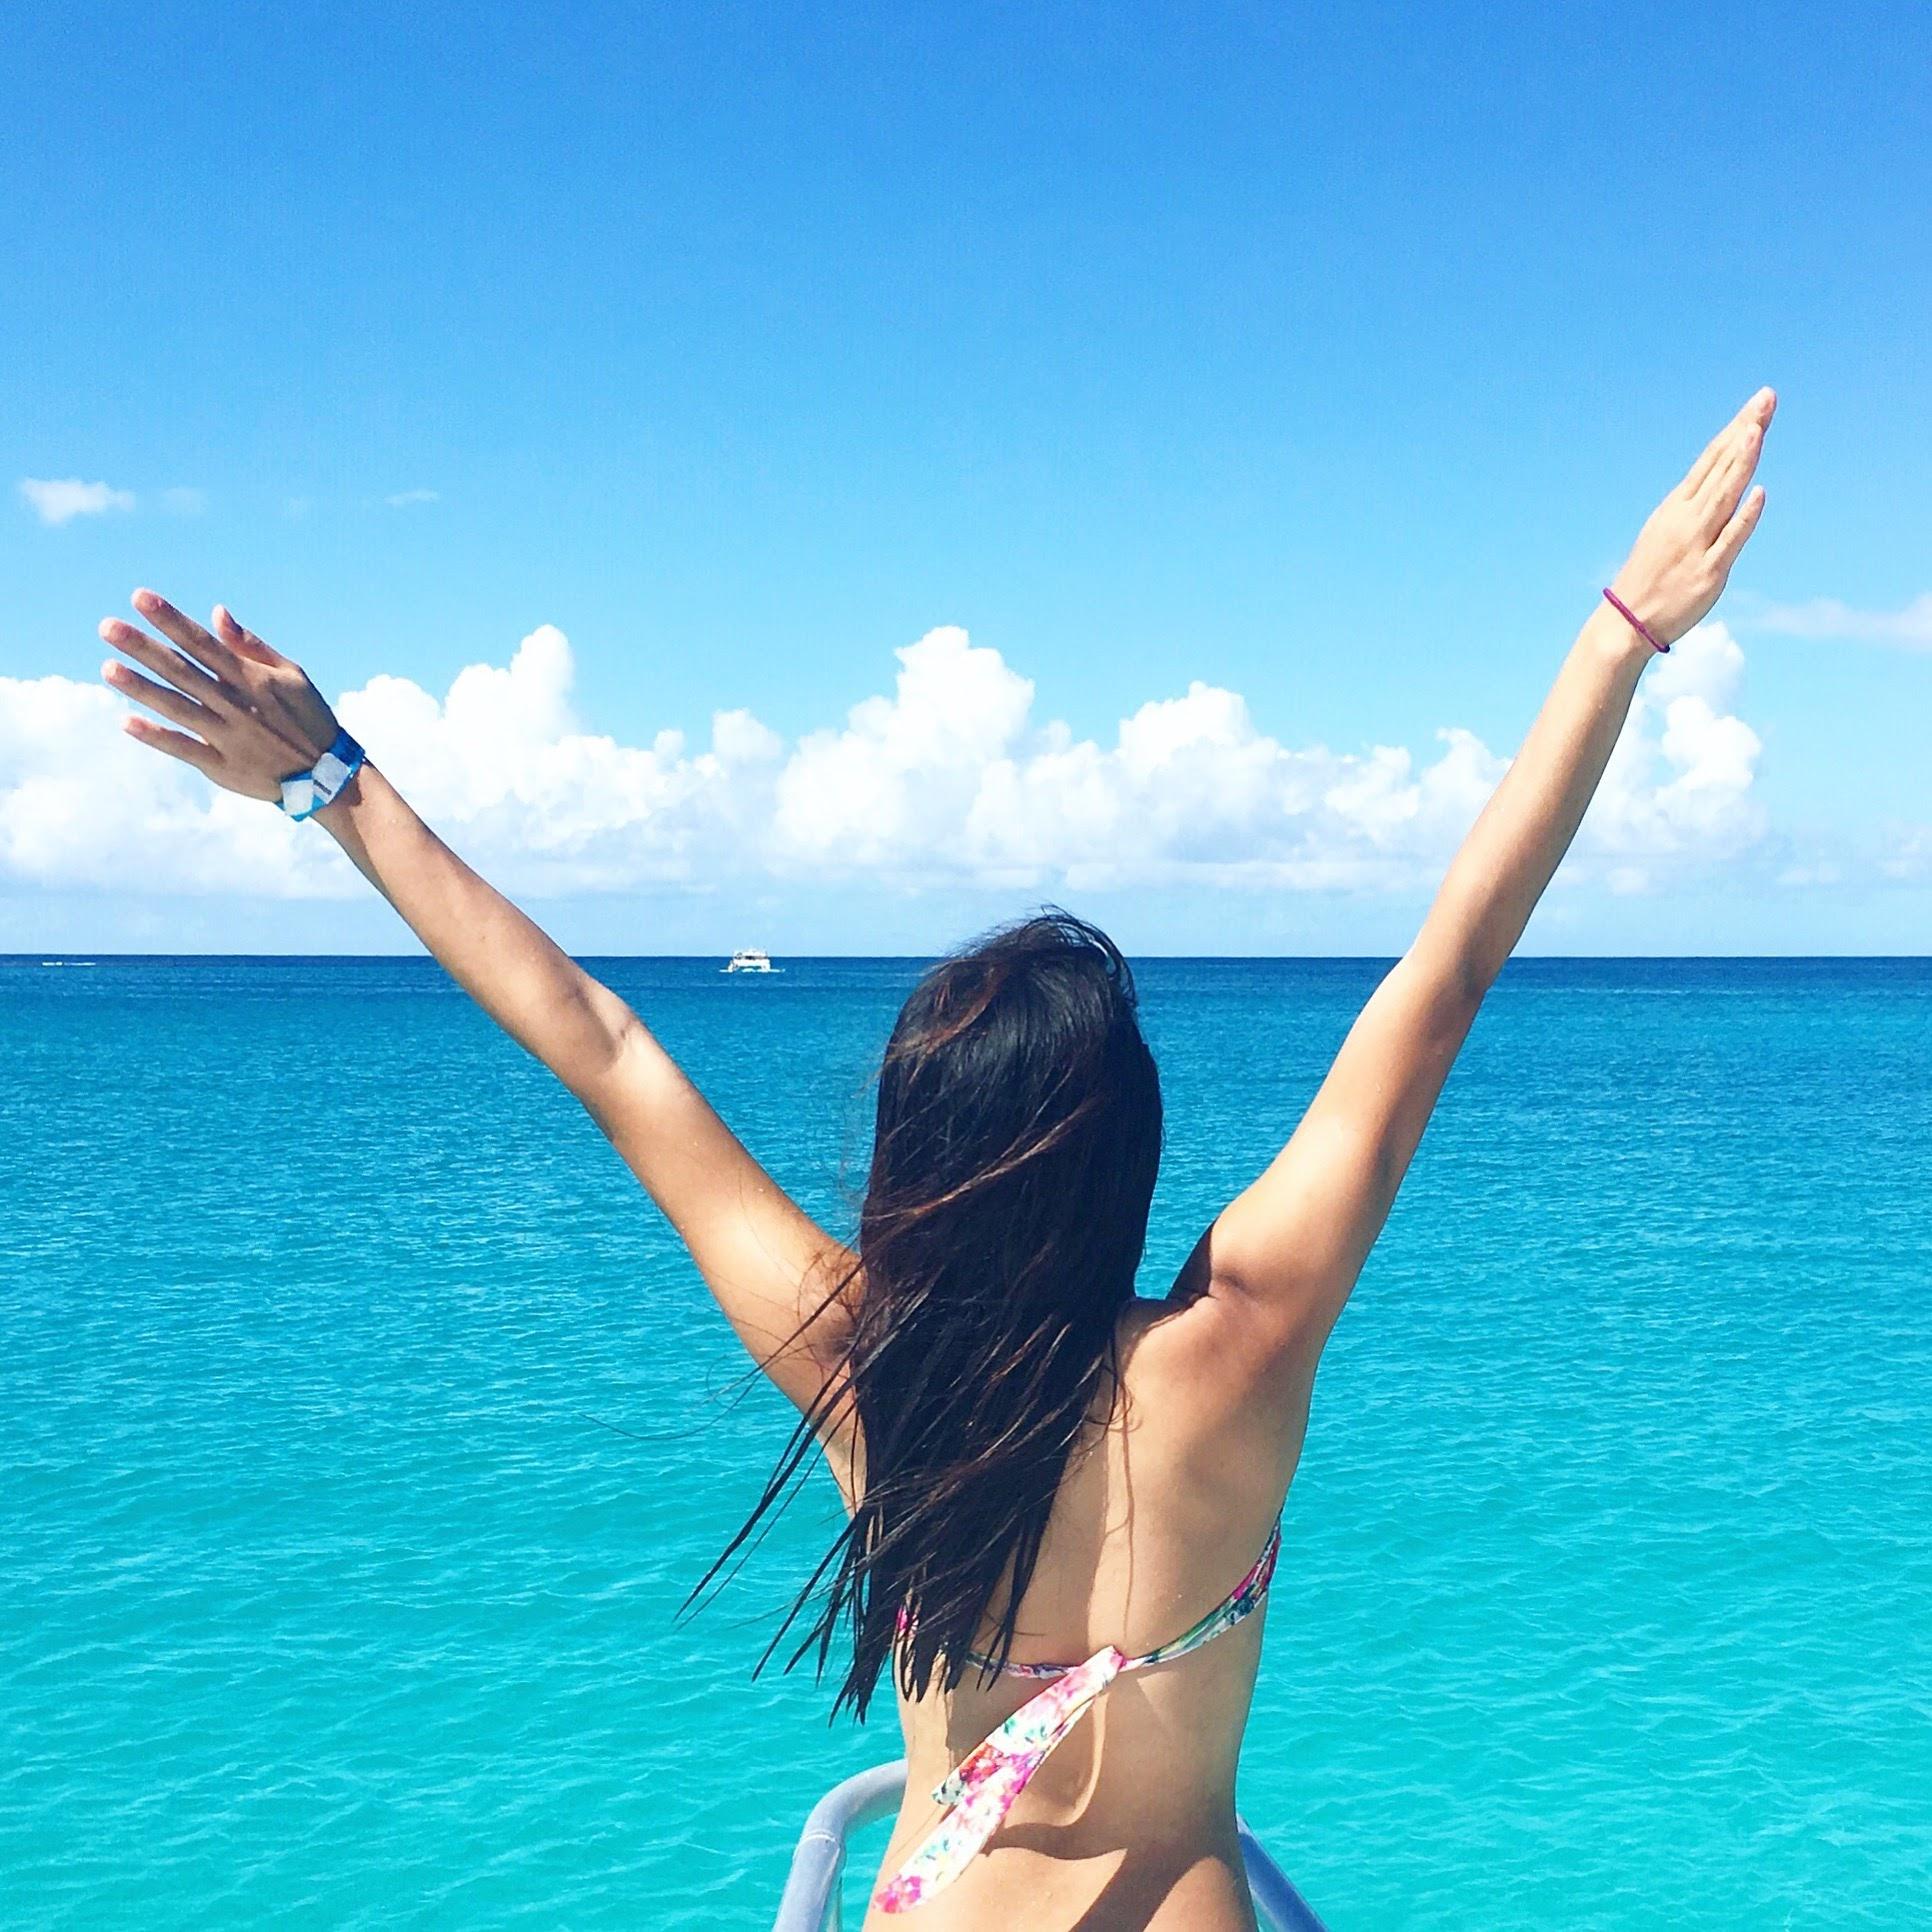 Off the shore of Culebra Island